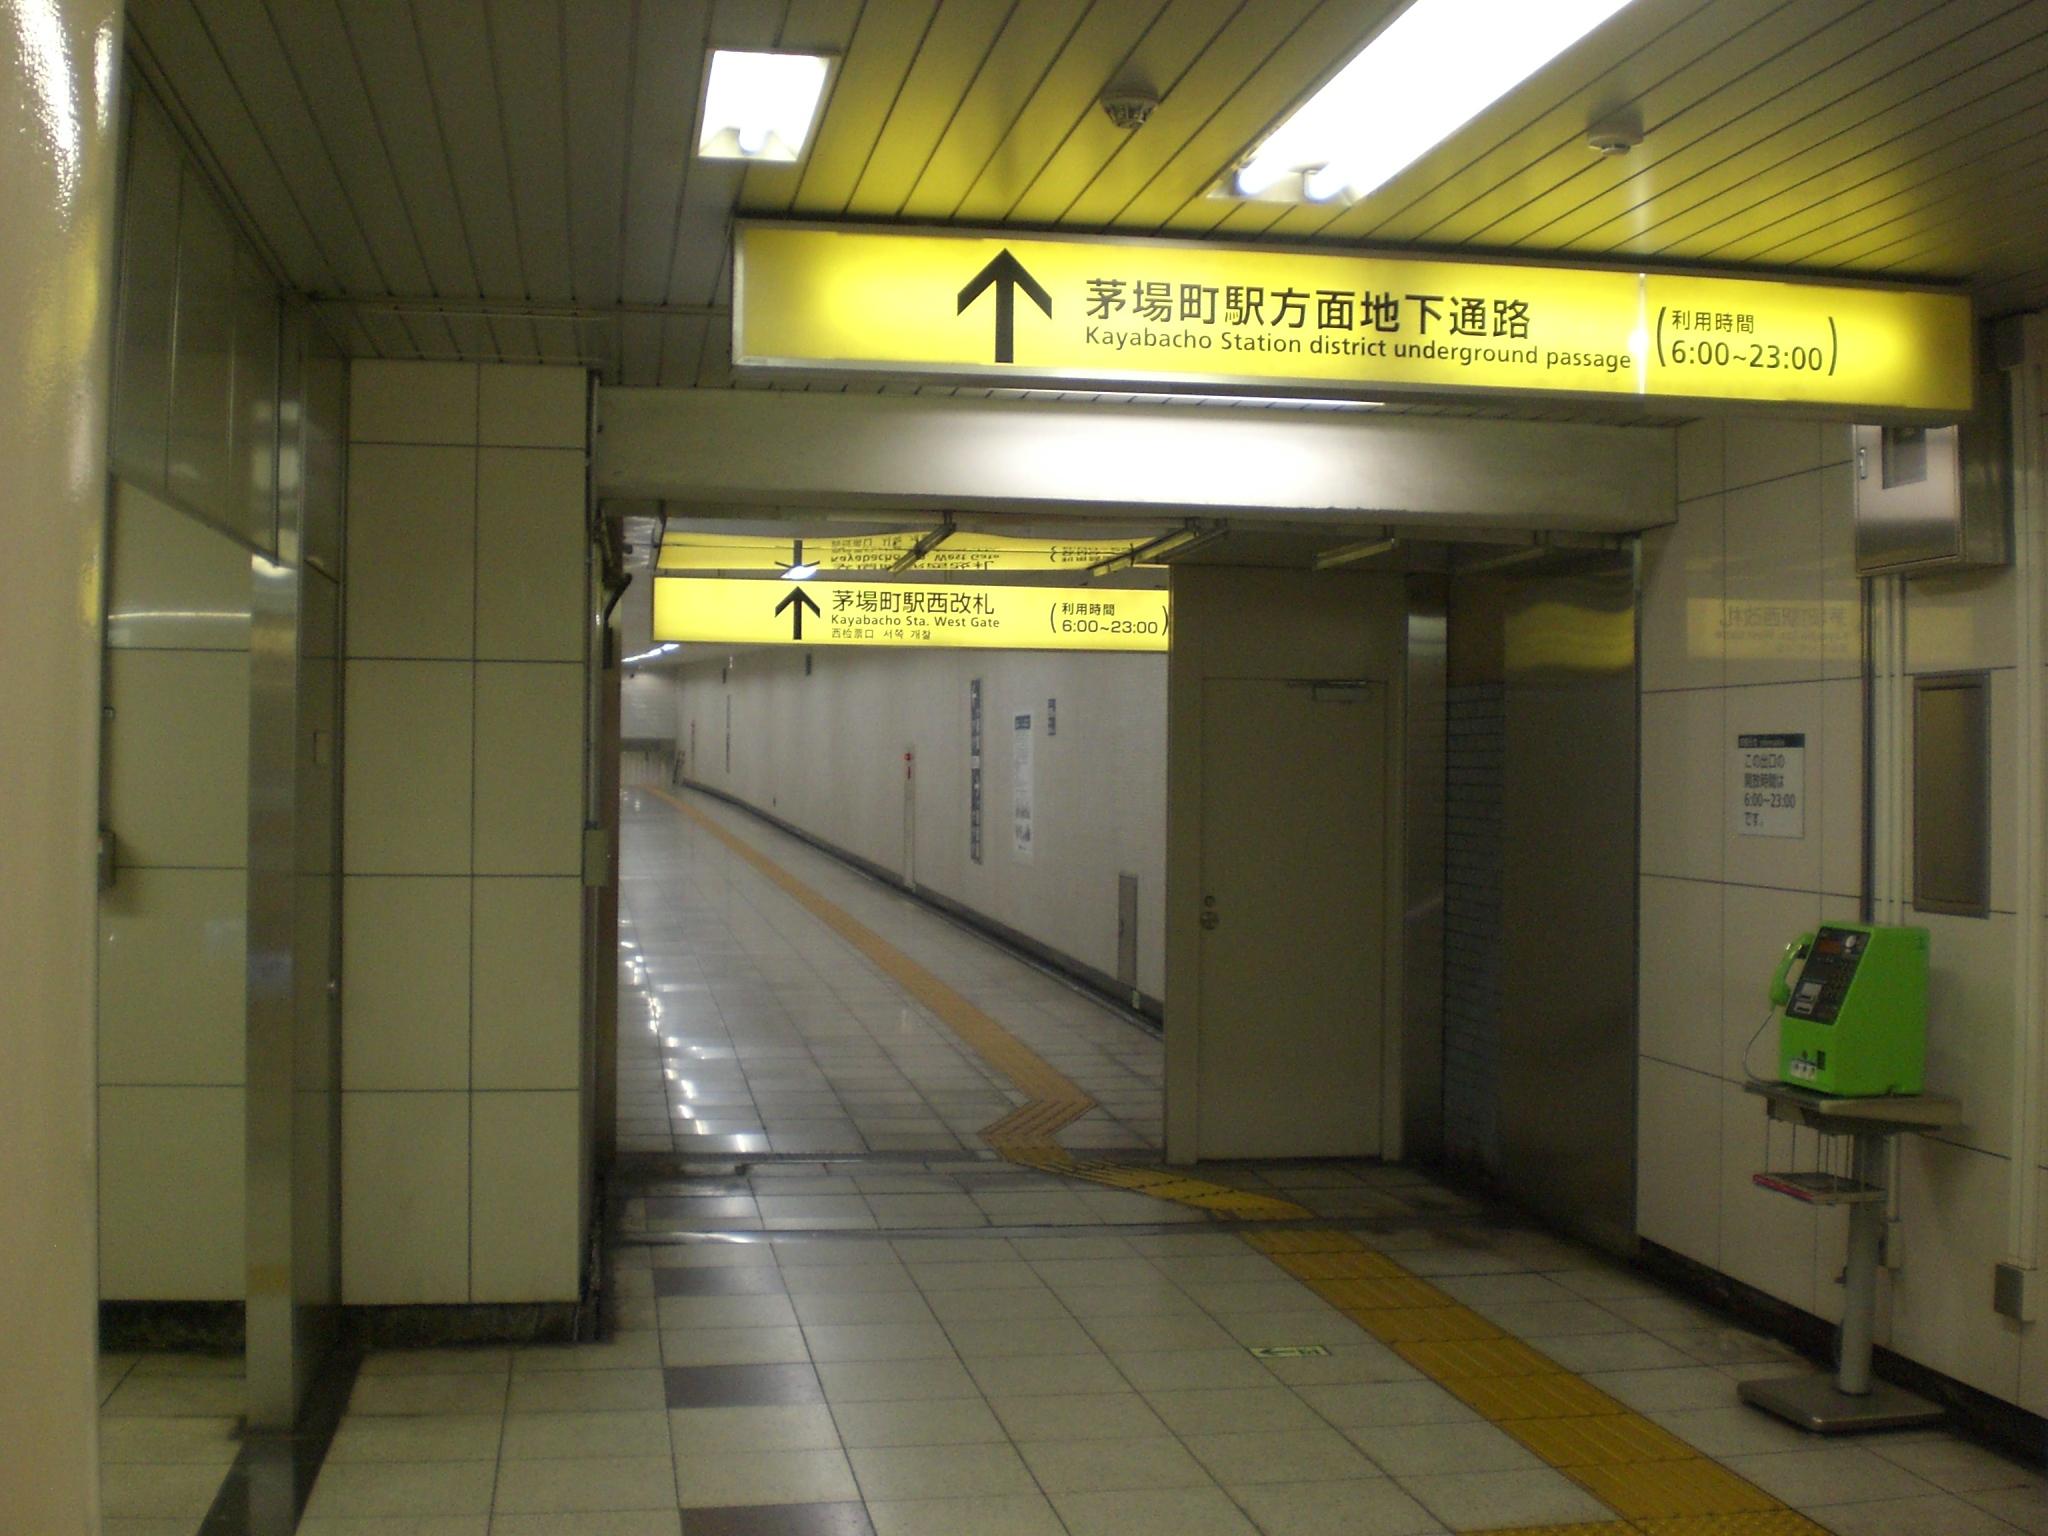 茅場町駅方面地下通路